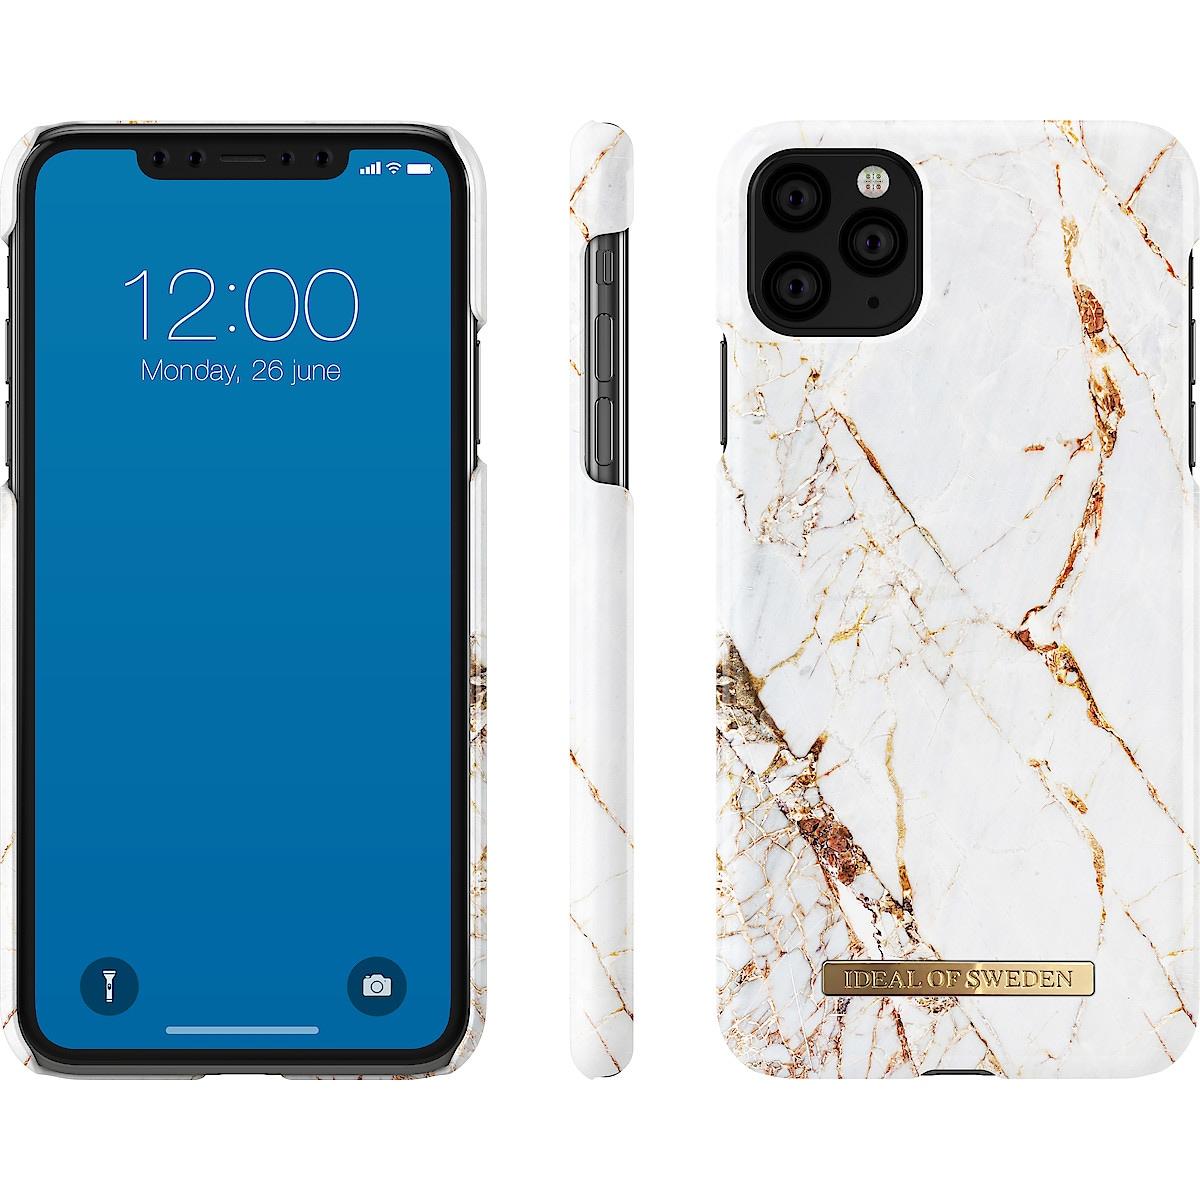 Skal för iPhone 11 Pro Max iDeal of Sweden Fashion Case